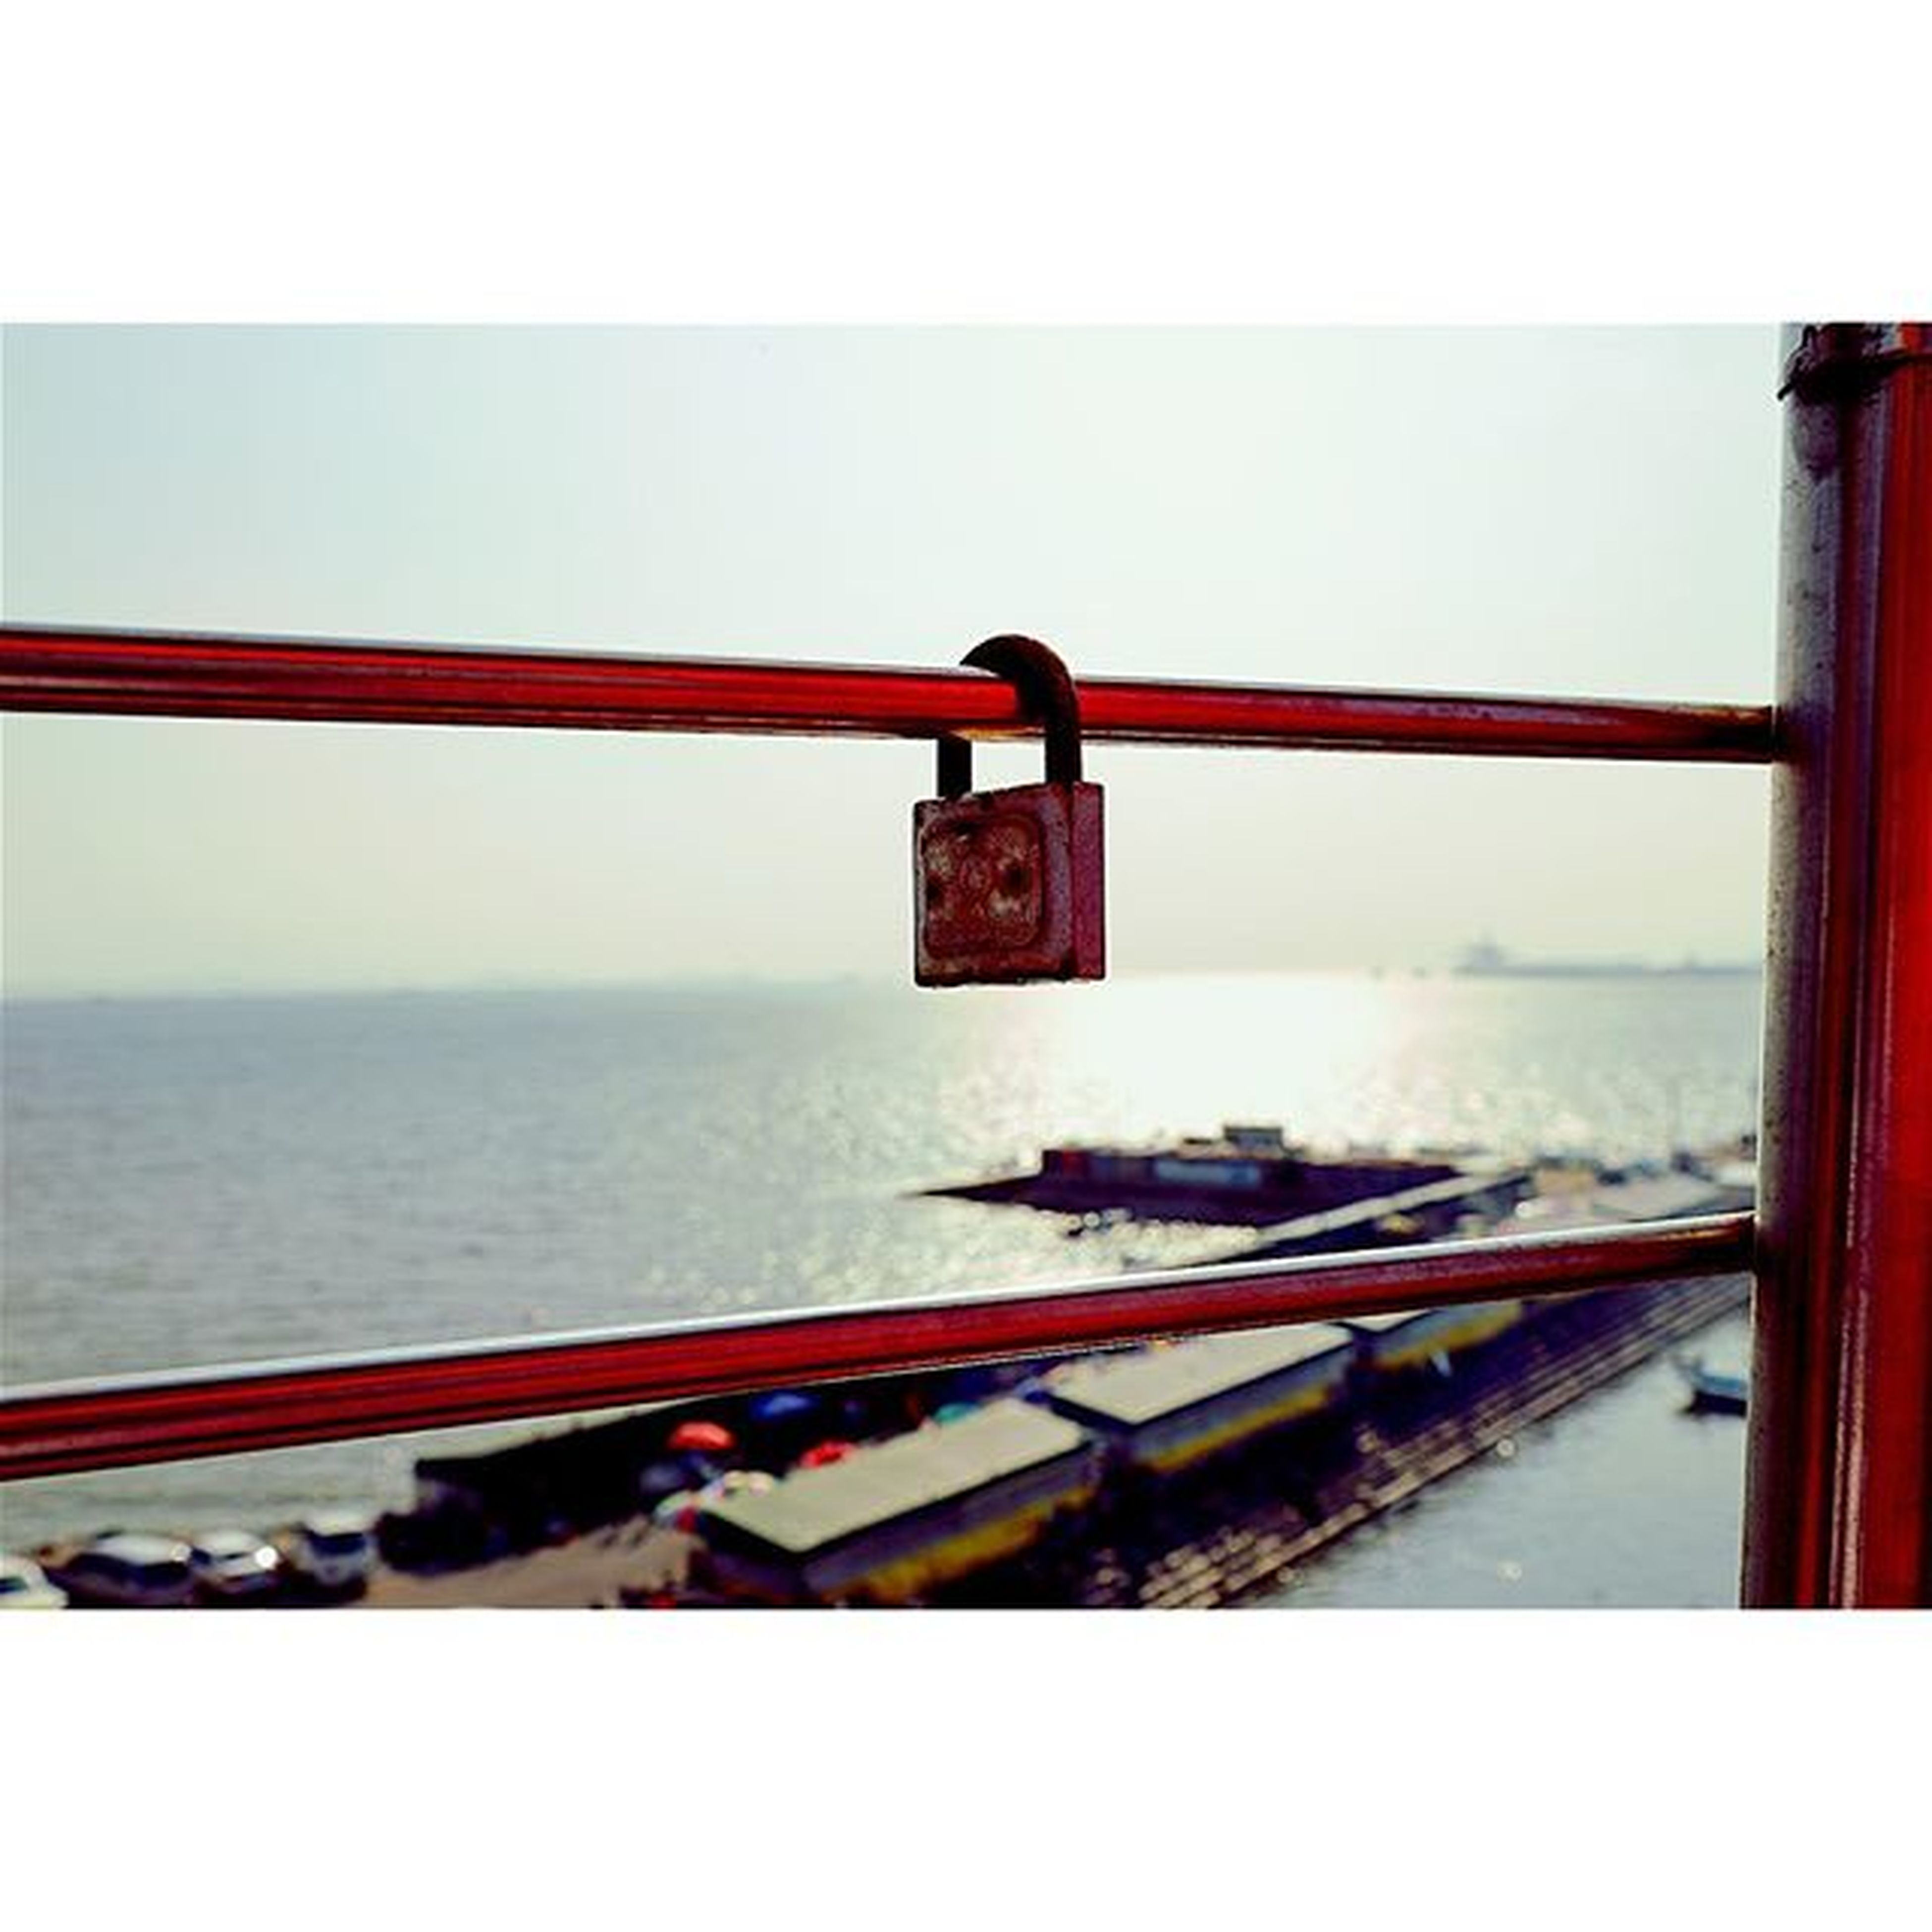 Lock!! 사진 사진스타그램 사진찍기 스냅사진 스냅 스냅스타그램 스냅샷 오이도 오이도빨간등대 원정 제준 영기 드라이브